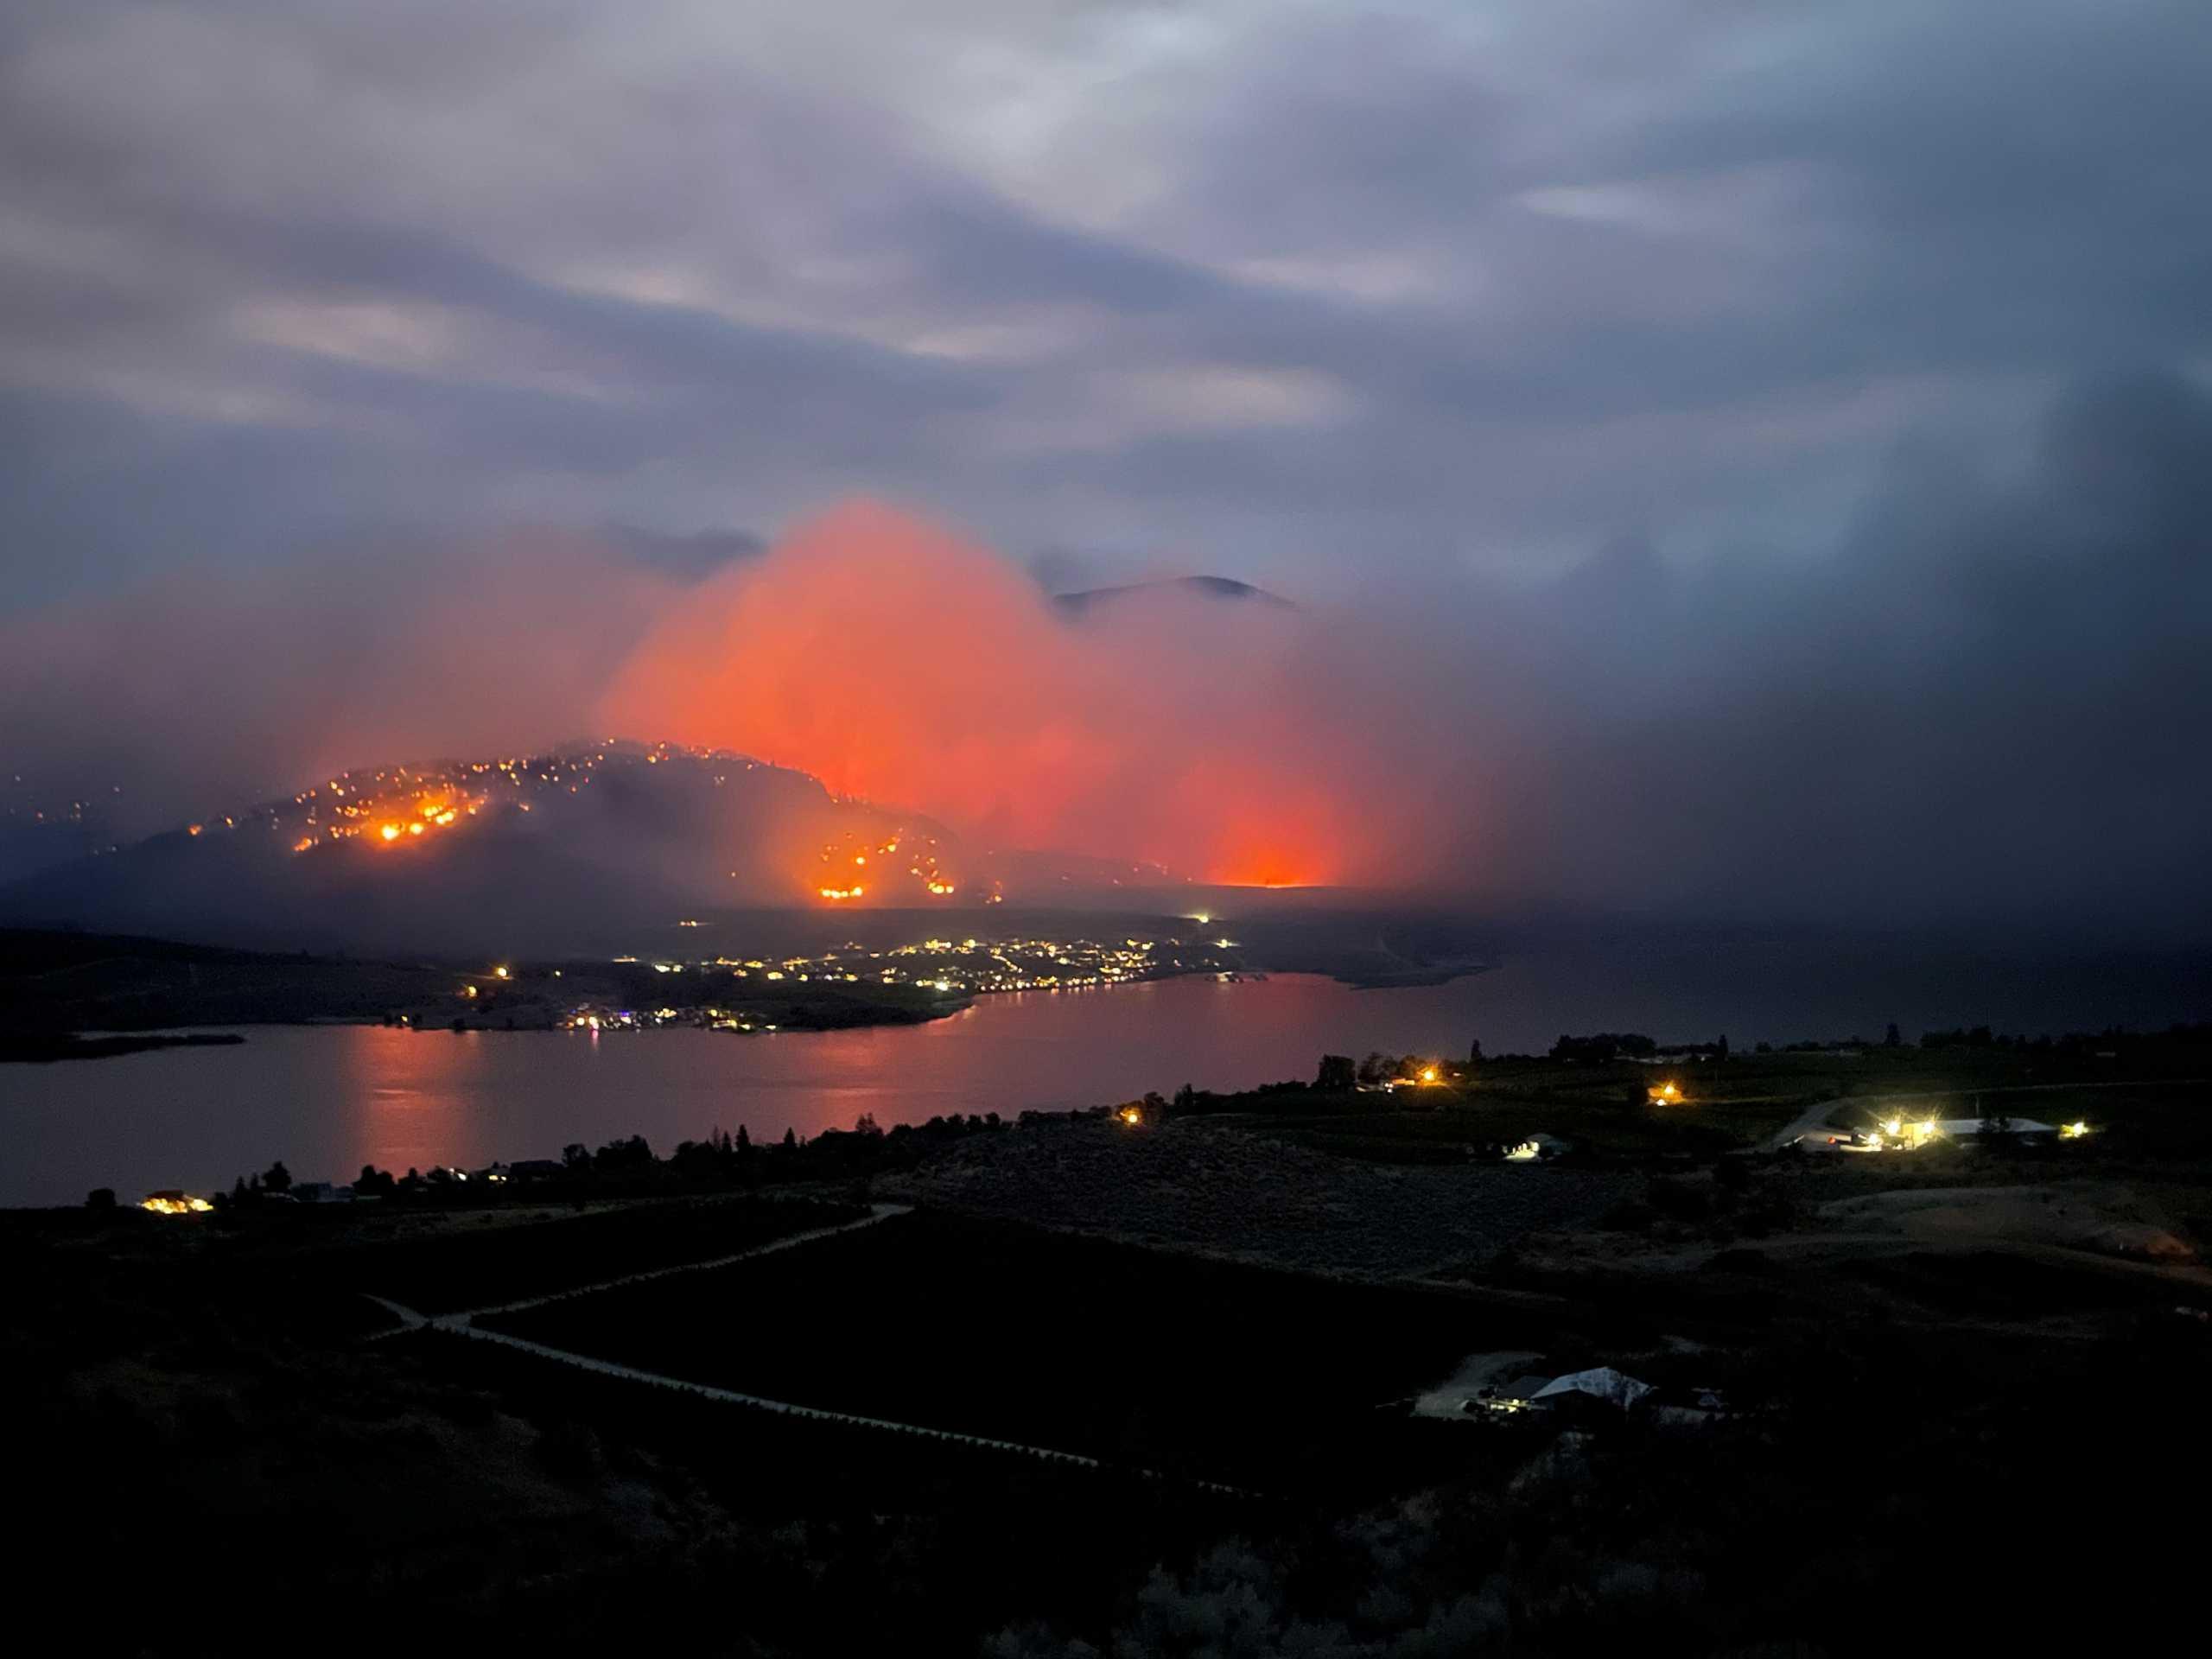 Καναδάς: Φωτιές κατακαίουν την Βρετανική Κολομβία – Χιλιάδες εγκατέλειψαν τα σπίτια τους